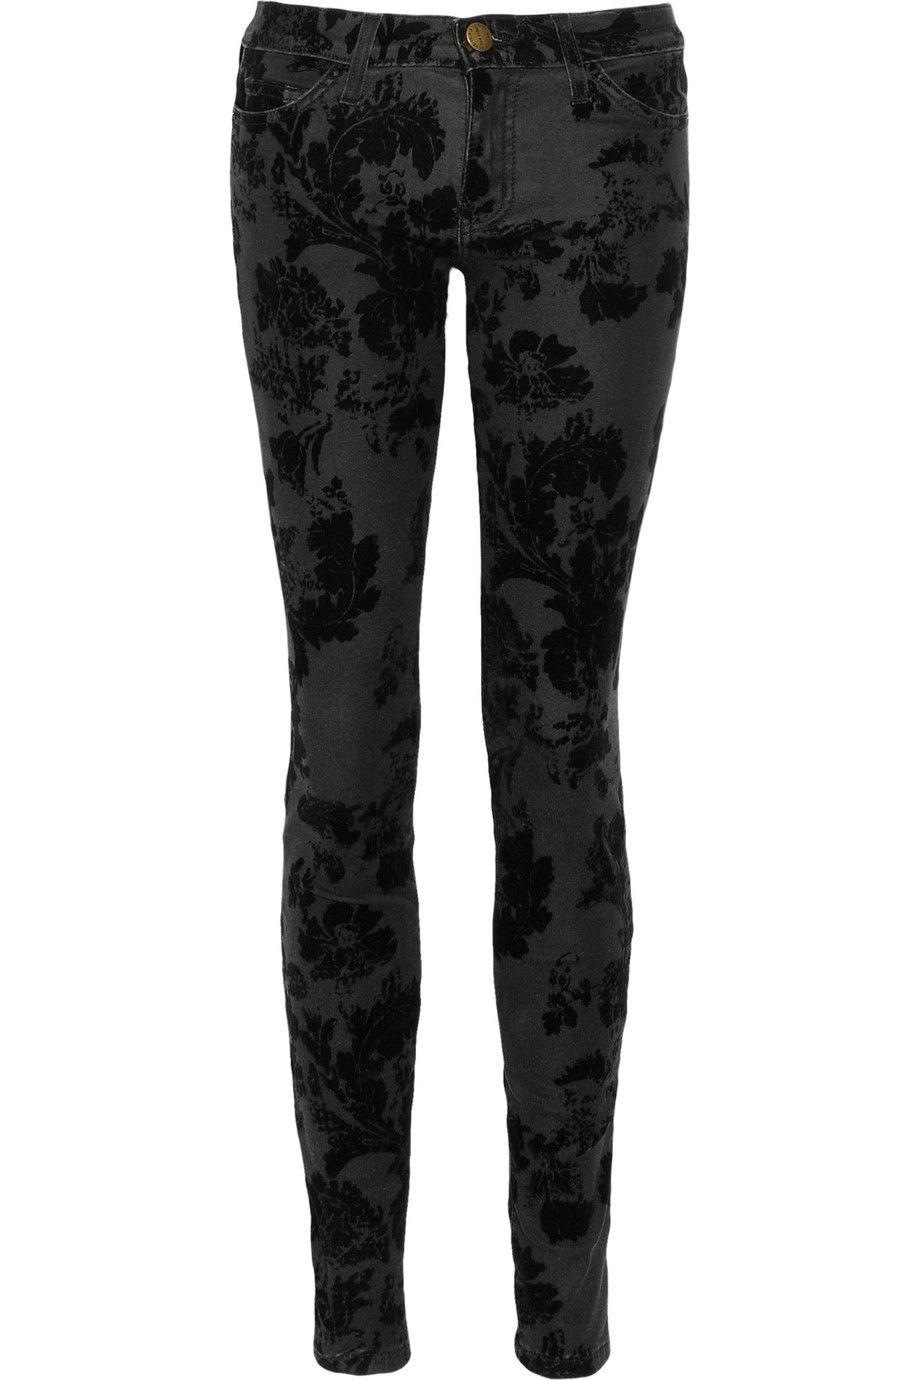 Current/Elliott|The Ankle velvet-flocked skinny jeans |NET-A-PORTER.COM